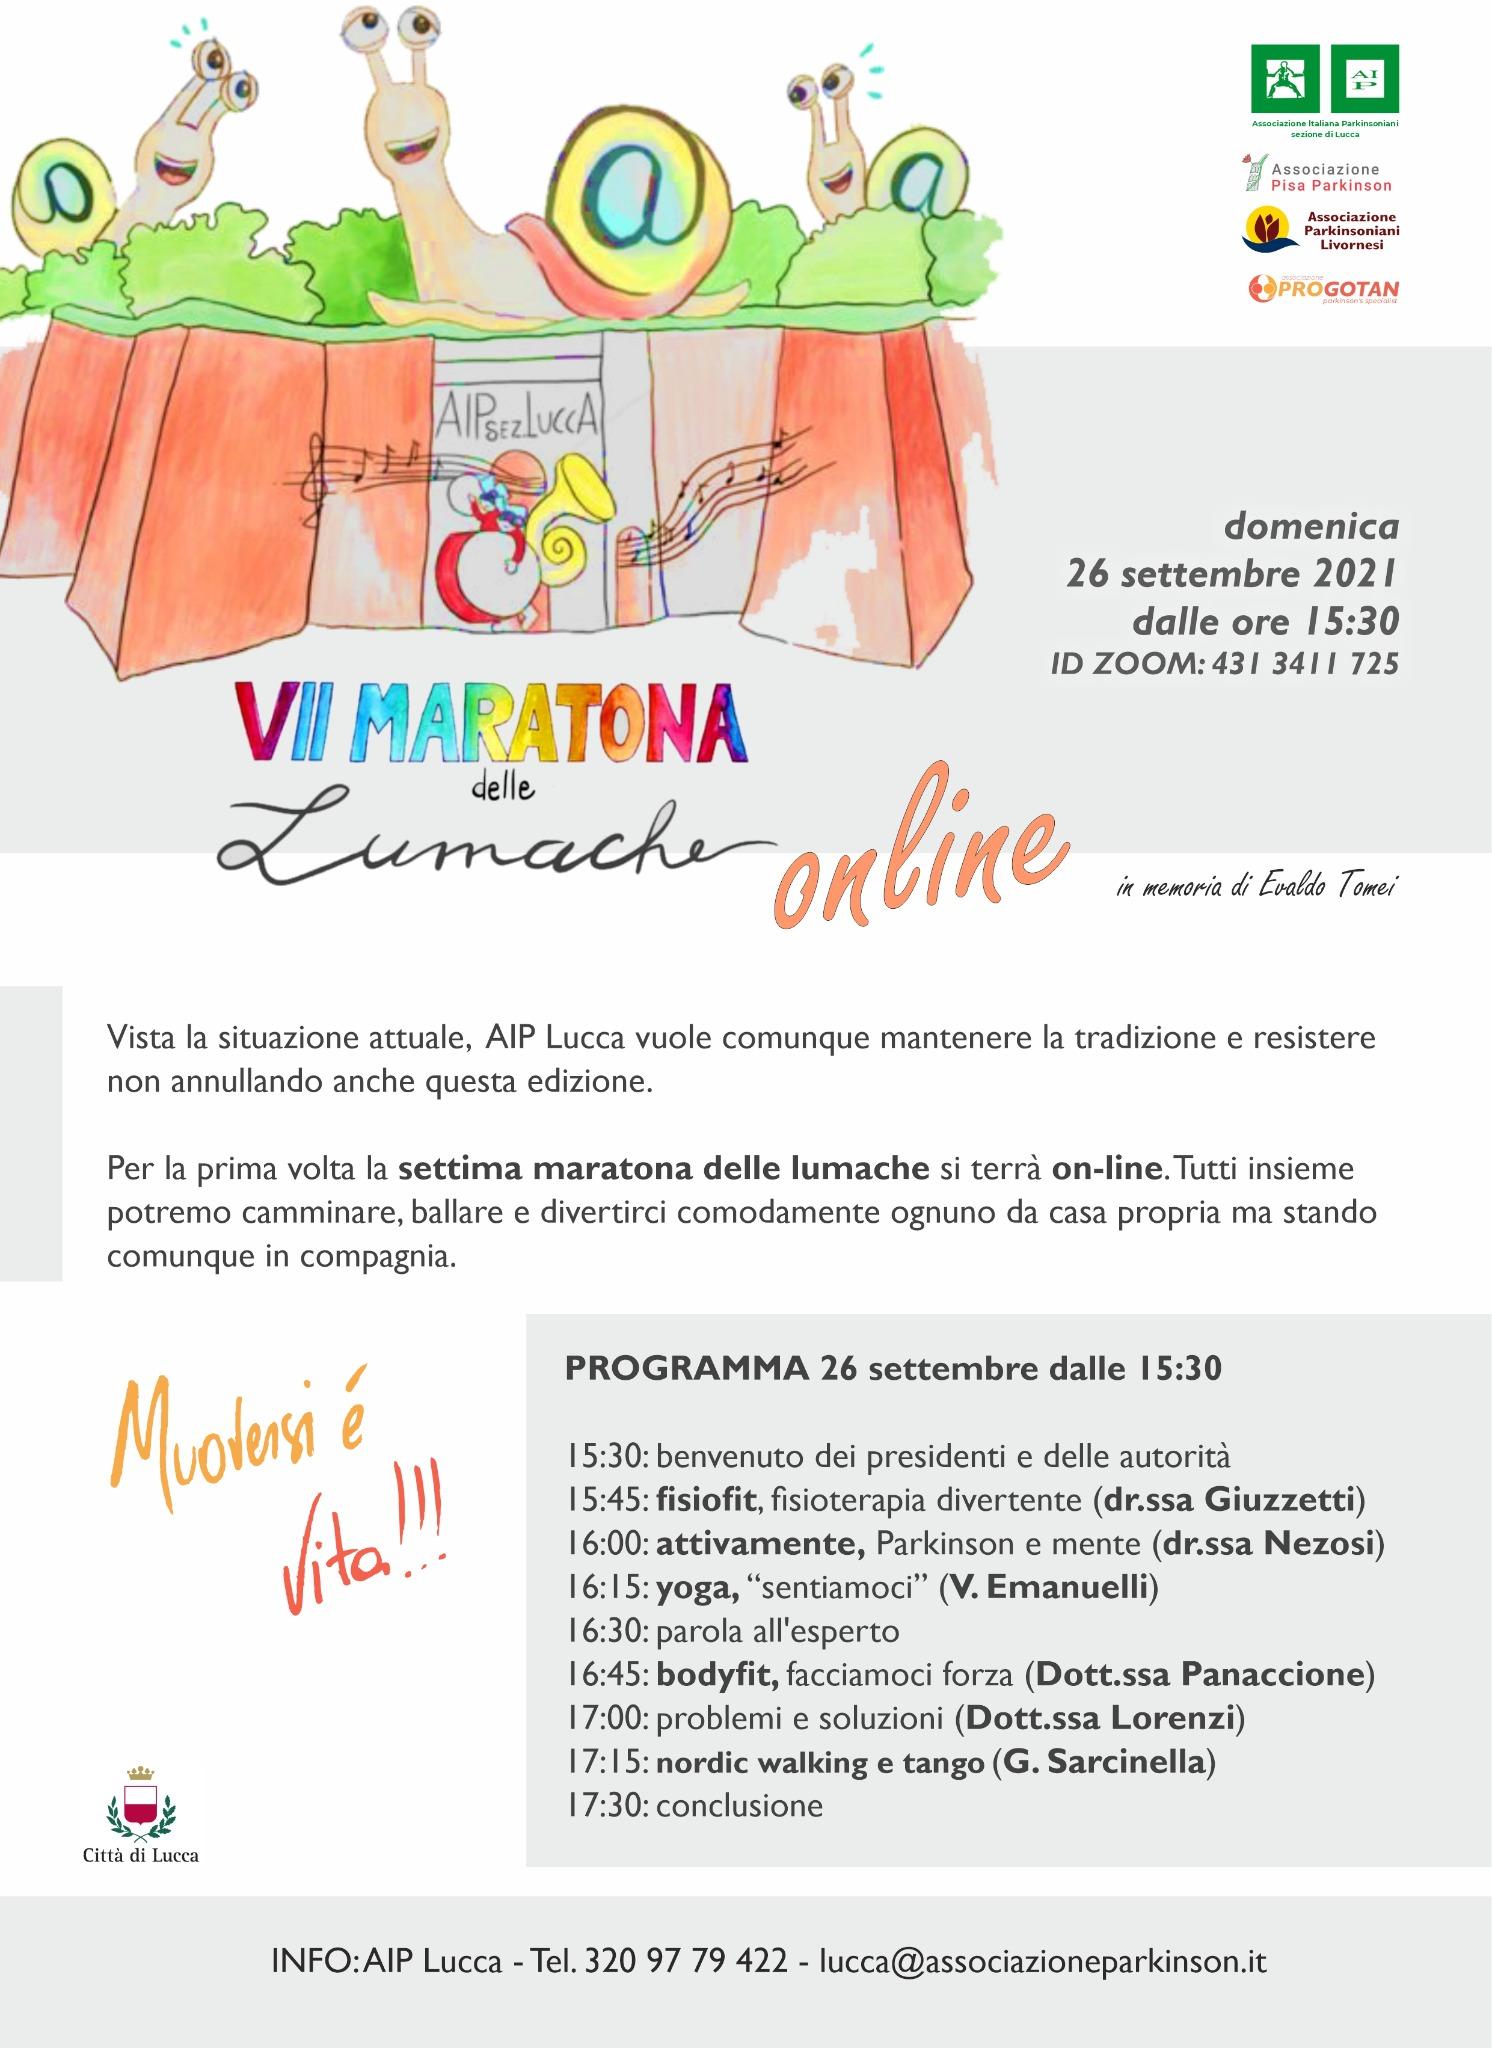 Maratona delle Lumache 2021 online_AIP Parkinson Lucca_26 settembre